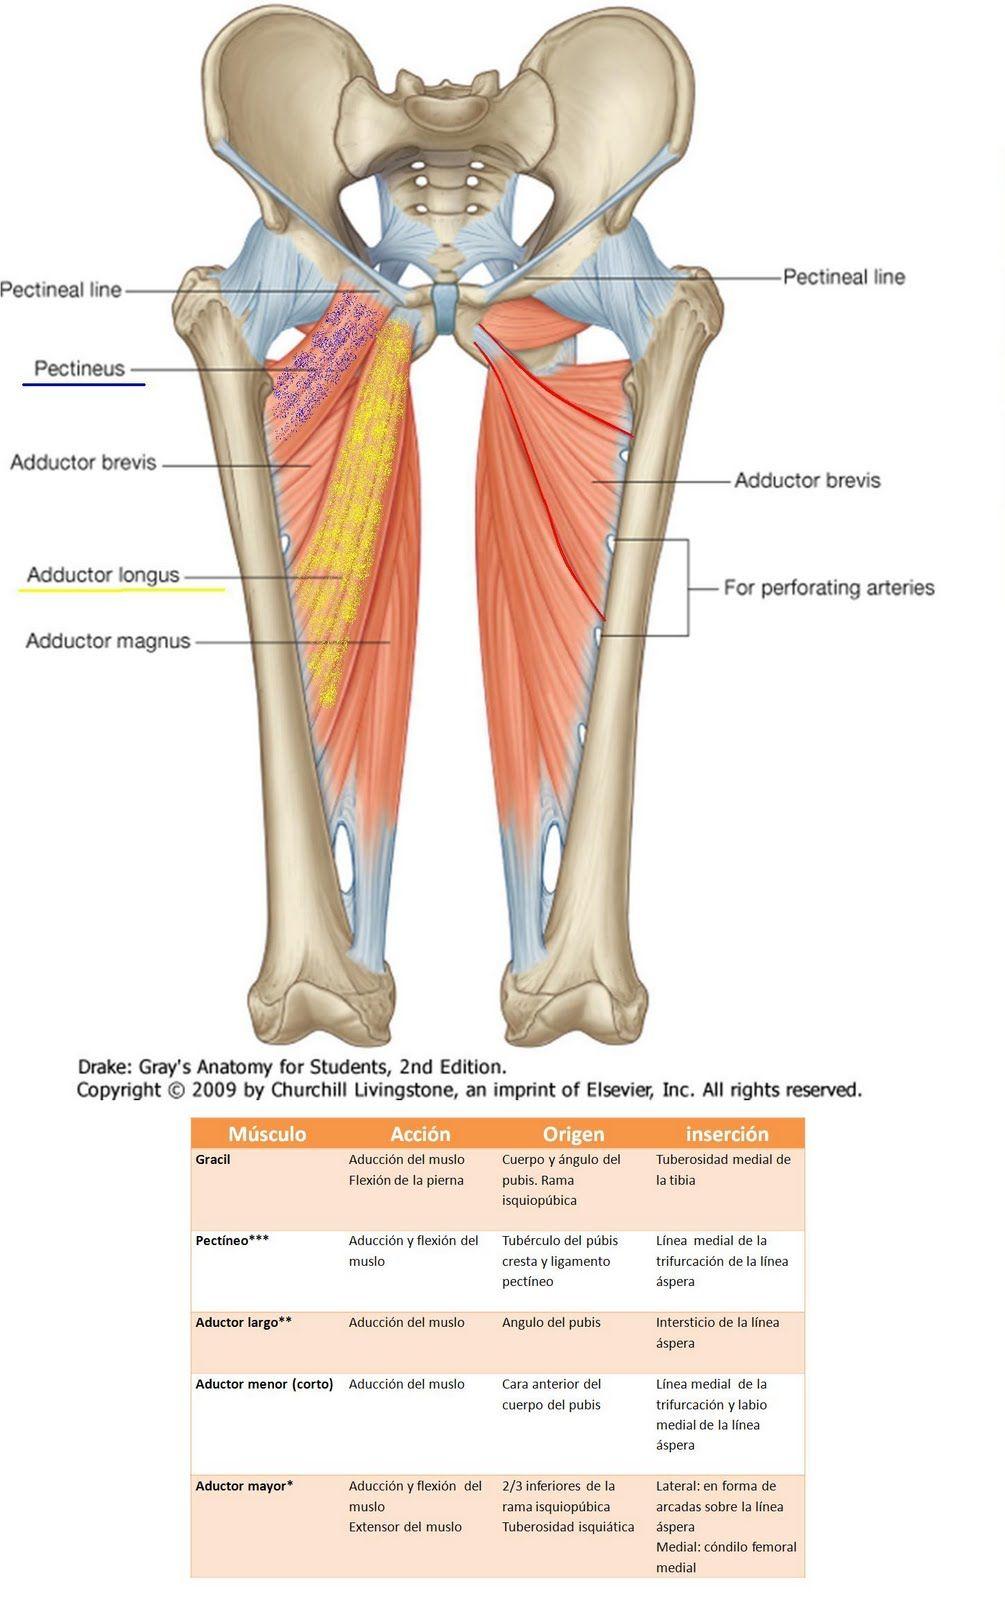 Anatomía UNAM: ADUCTORES | Miembro inferior | Pinterest | Femoral ...